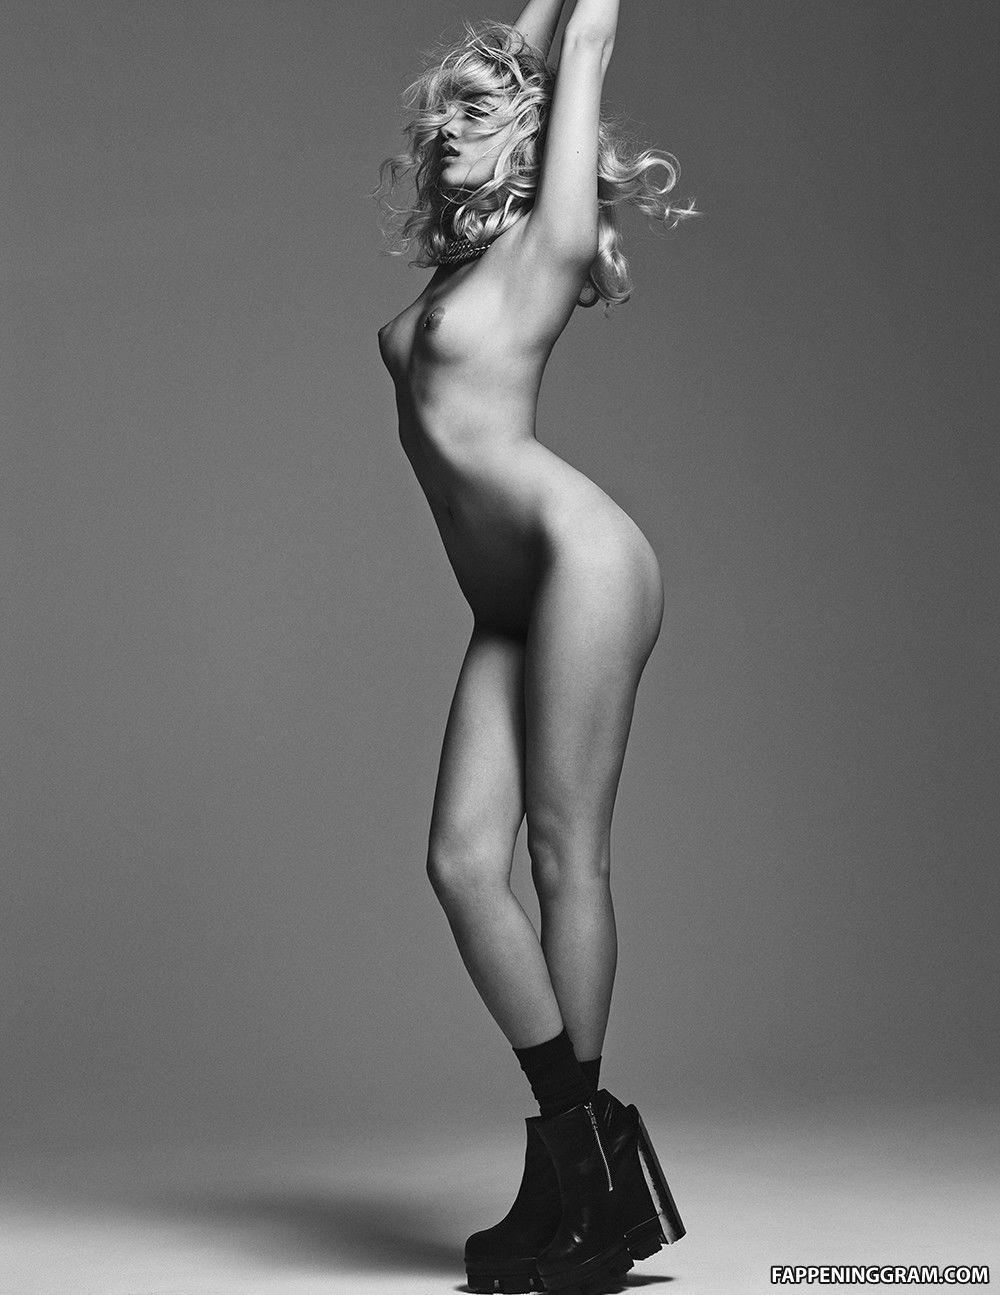 Mariah carey nude photos naked sex pics